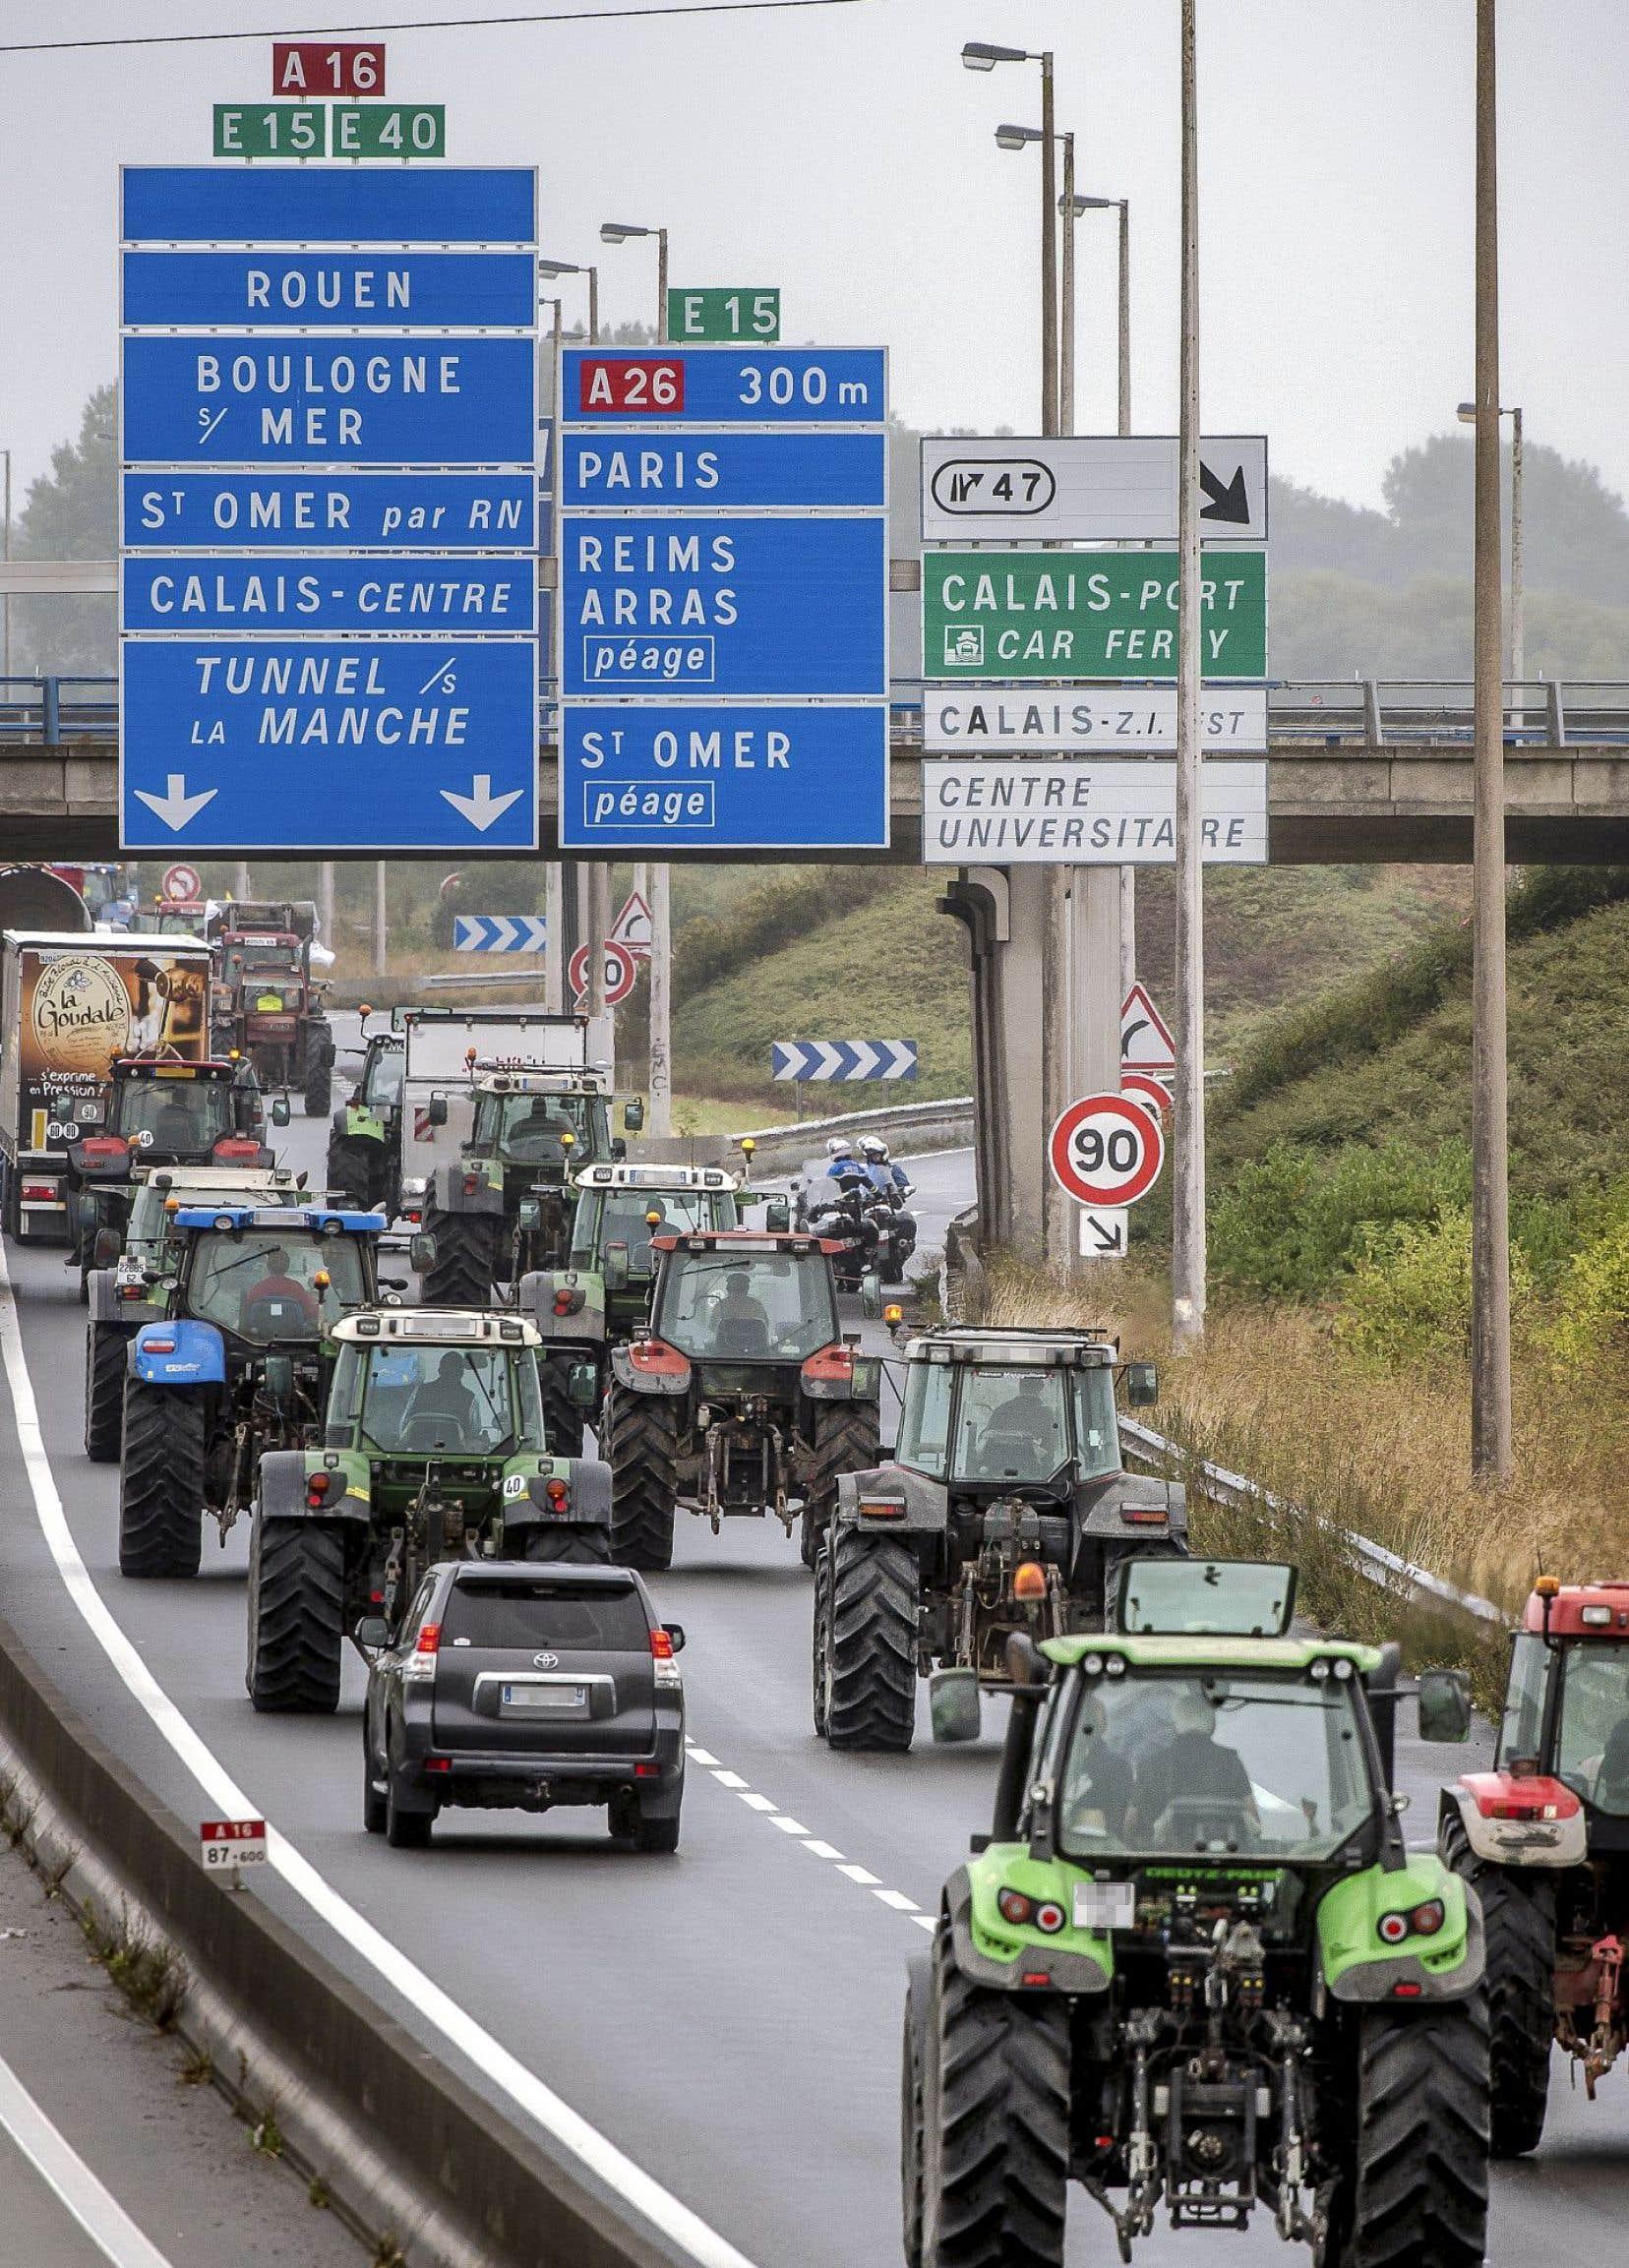 Lundi matin, des tracteurs et des véhicules lourds ont afflué sur l'autoroute A16 pour la bloquer.